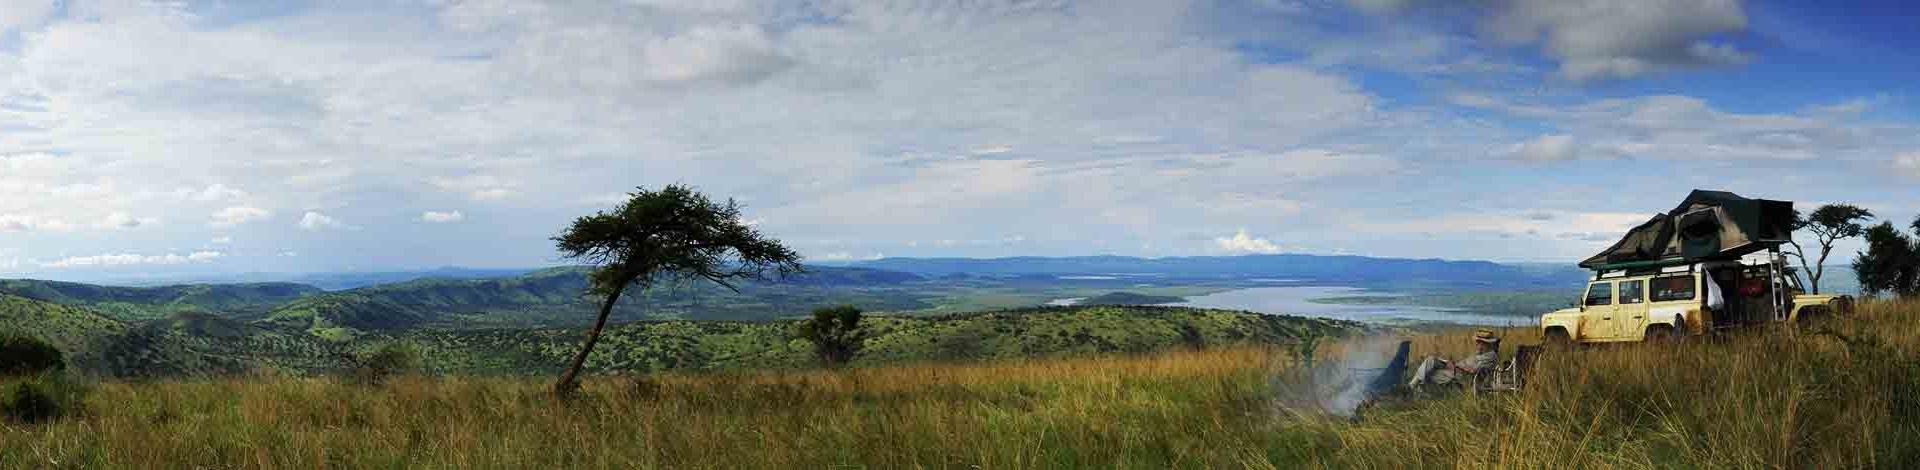 Nyamasheke Nyungwe Forest Reserve